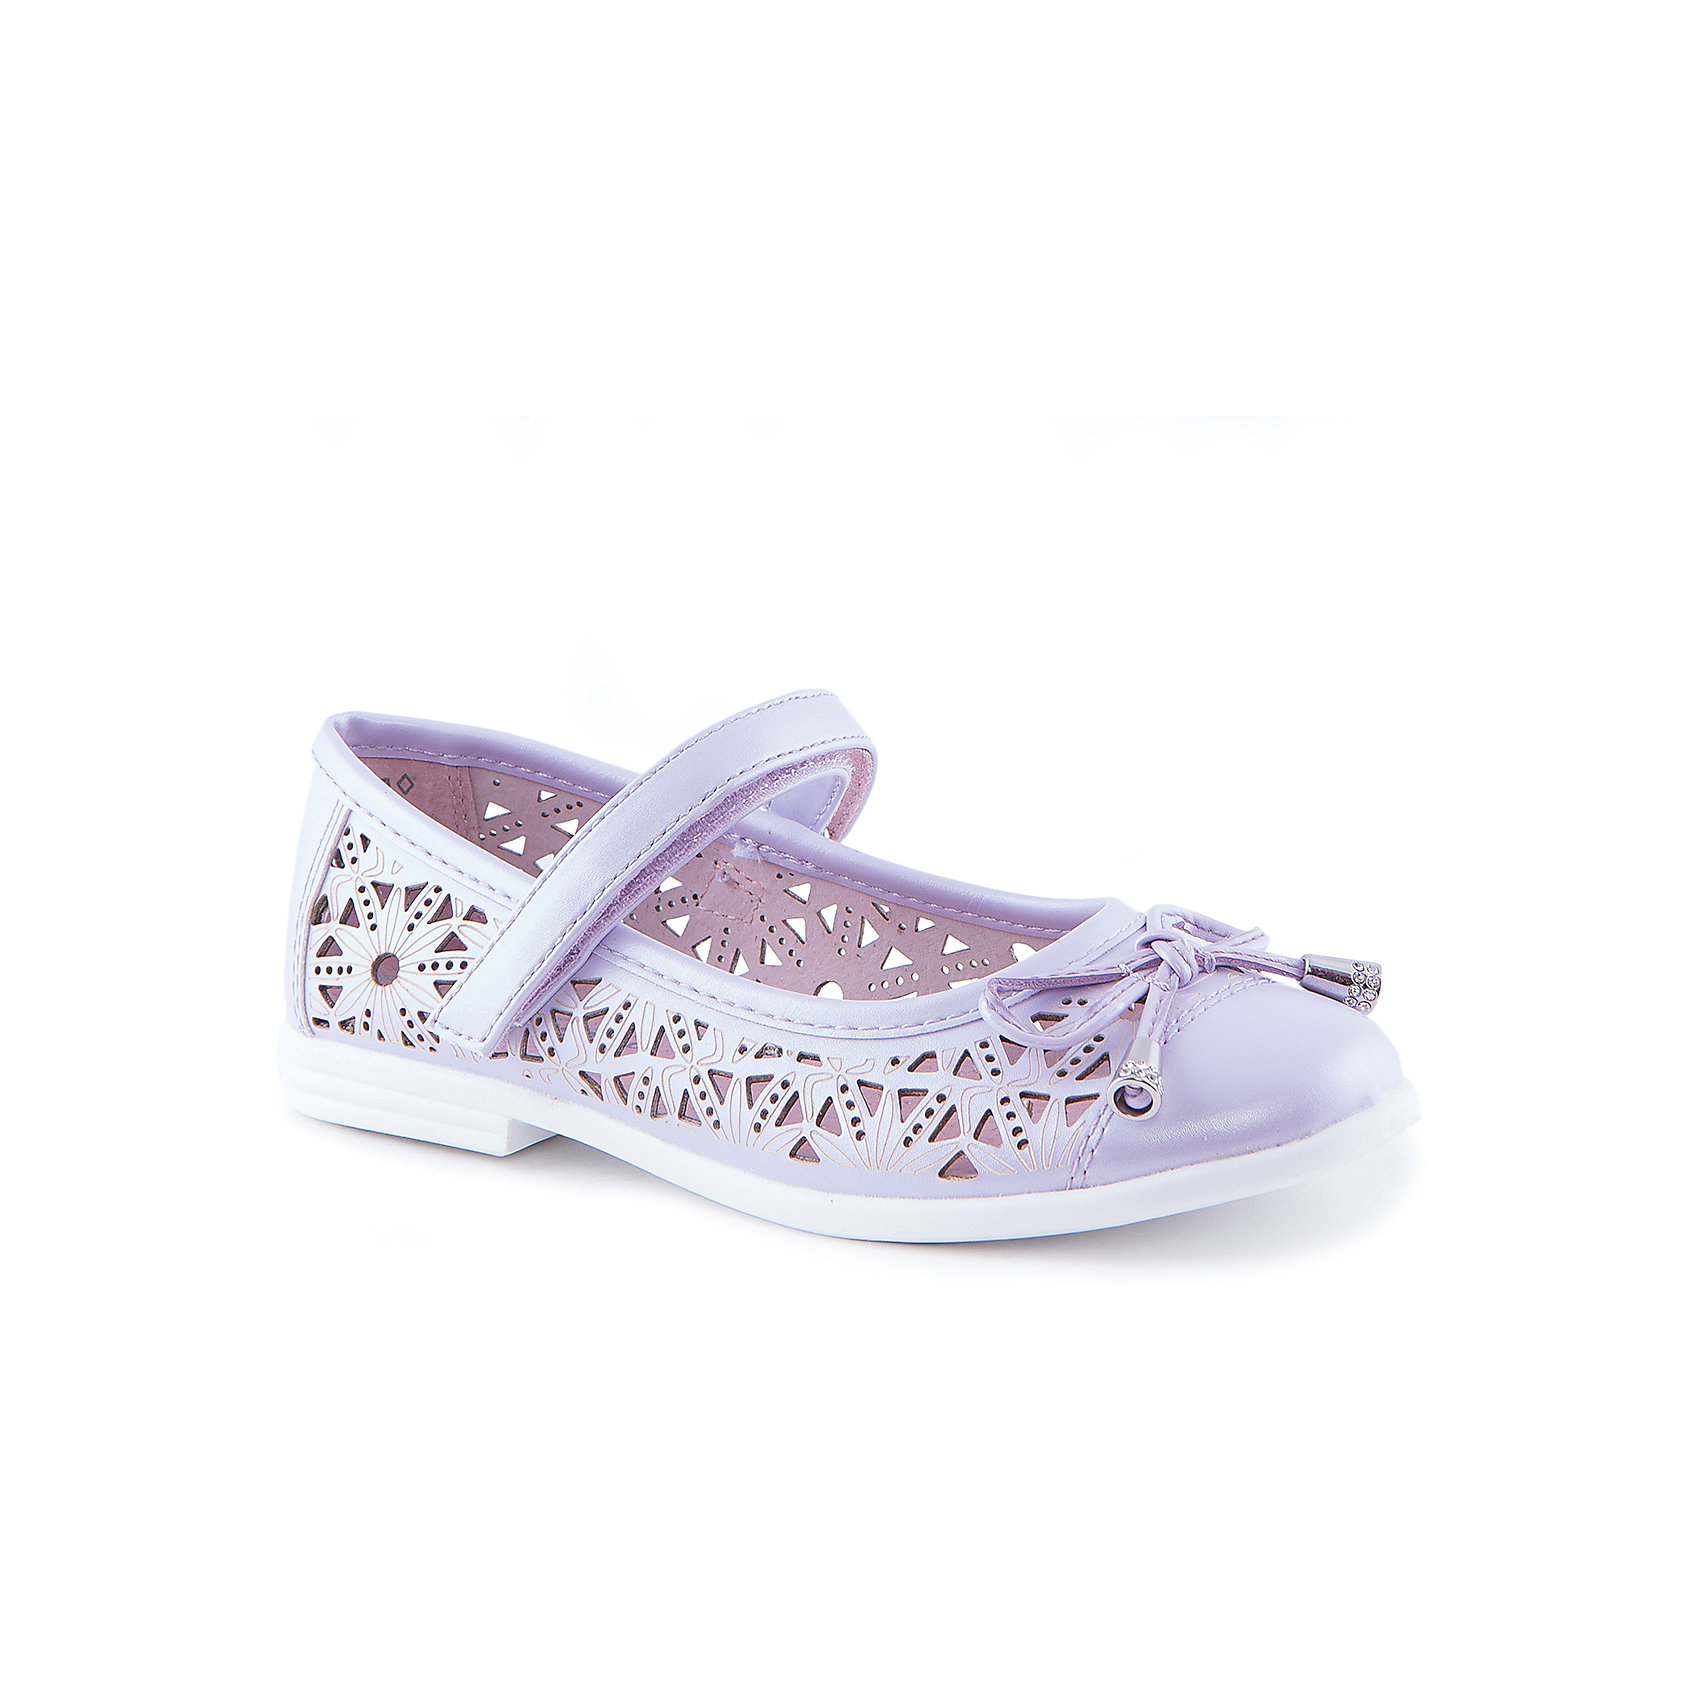 Туфли для девочки КотофейОбувь<br>Туфли для девочки от известного российского бренда Котофей <br><br>Удобные туфли выполнены в красивом сиреневом цвете, украшены перфорацией. <br>Модель легко надевается. Удобная подошва позволяет избегать скольжения практически на любой поверхности.<br><br>Особенности модели:<br><br>- цвет: сиреневый;<br>- тонкая гибкая подошва;<br>- застежка: липучка;<br>- вид крепления обуви: клеевой;<br>- качественные материалы;<br>- декорированы вырубленным узором и бантом;<br>- хорошее облегание.<br><br>Дополнительная информация:<br><br>Состав: <br><br>верх - искусственная кожа;<br>подошва - ТЭП.<br><br>Туфли для девочки Котофей можно купить в нашем магазине.<br><br>Ширина мм: 227<br>Глубина мм: 145<br>Высота мм: 124<br>Вес г: 325<br>Цвет: фиолетовый<br>Возраст от месяцев: 72<br>Возраст до месяцев: 84<br>Пол: Женский<br>Возраст: Детский<br>Размер: 30,34,35,33,32,31<br>SKU: 4565899